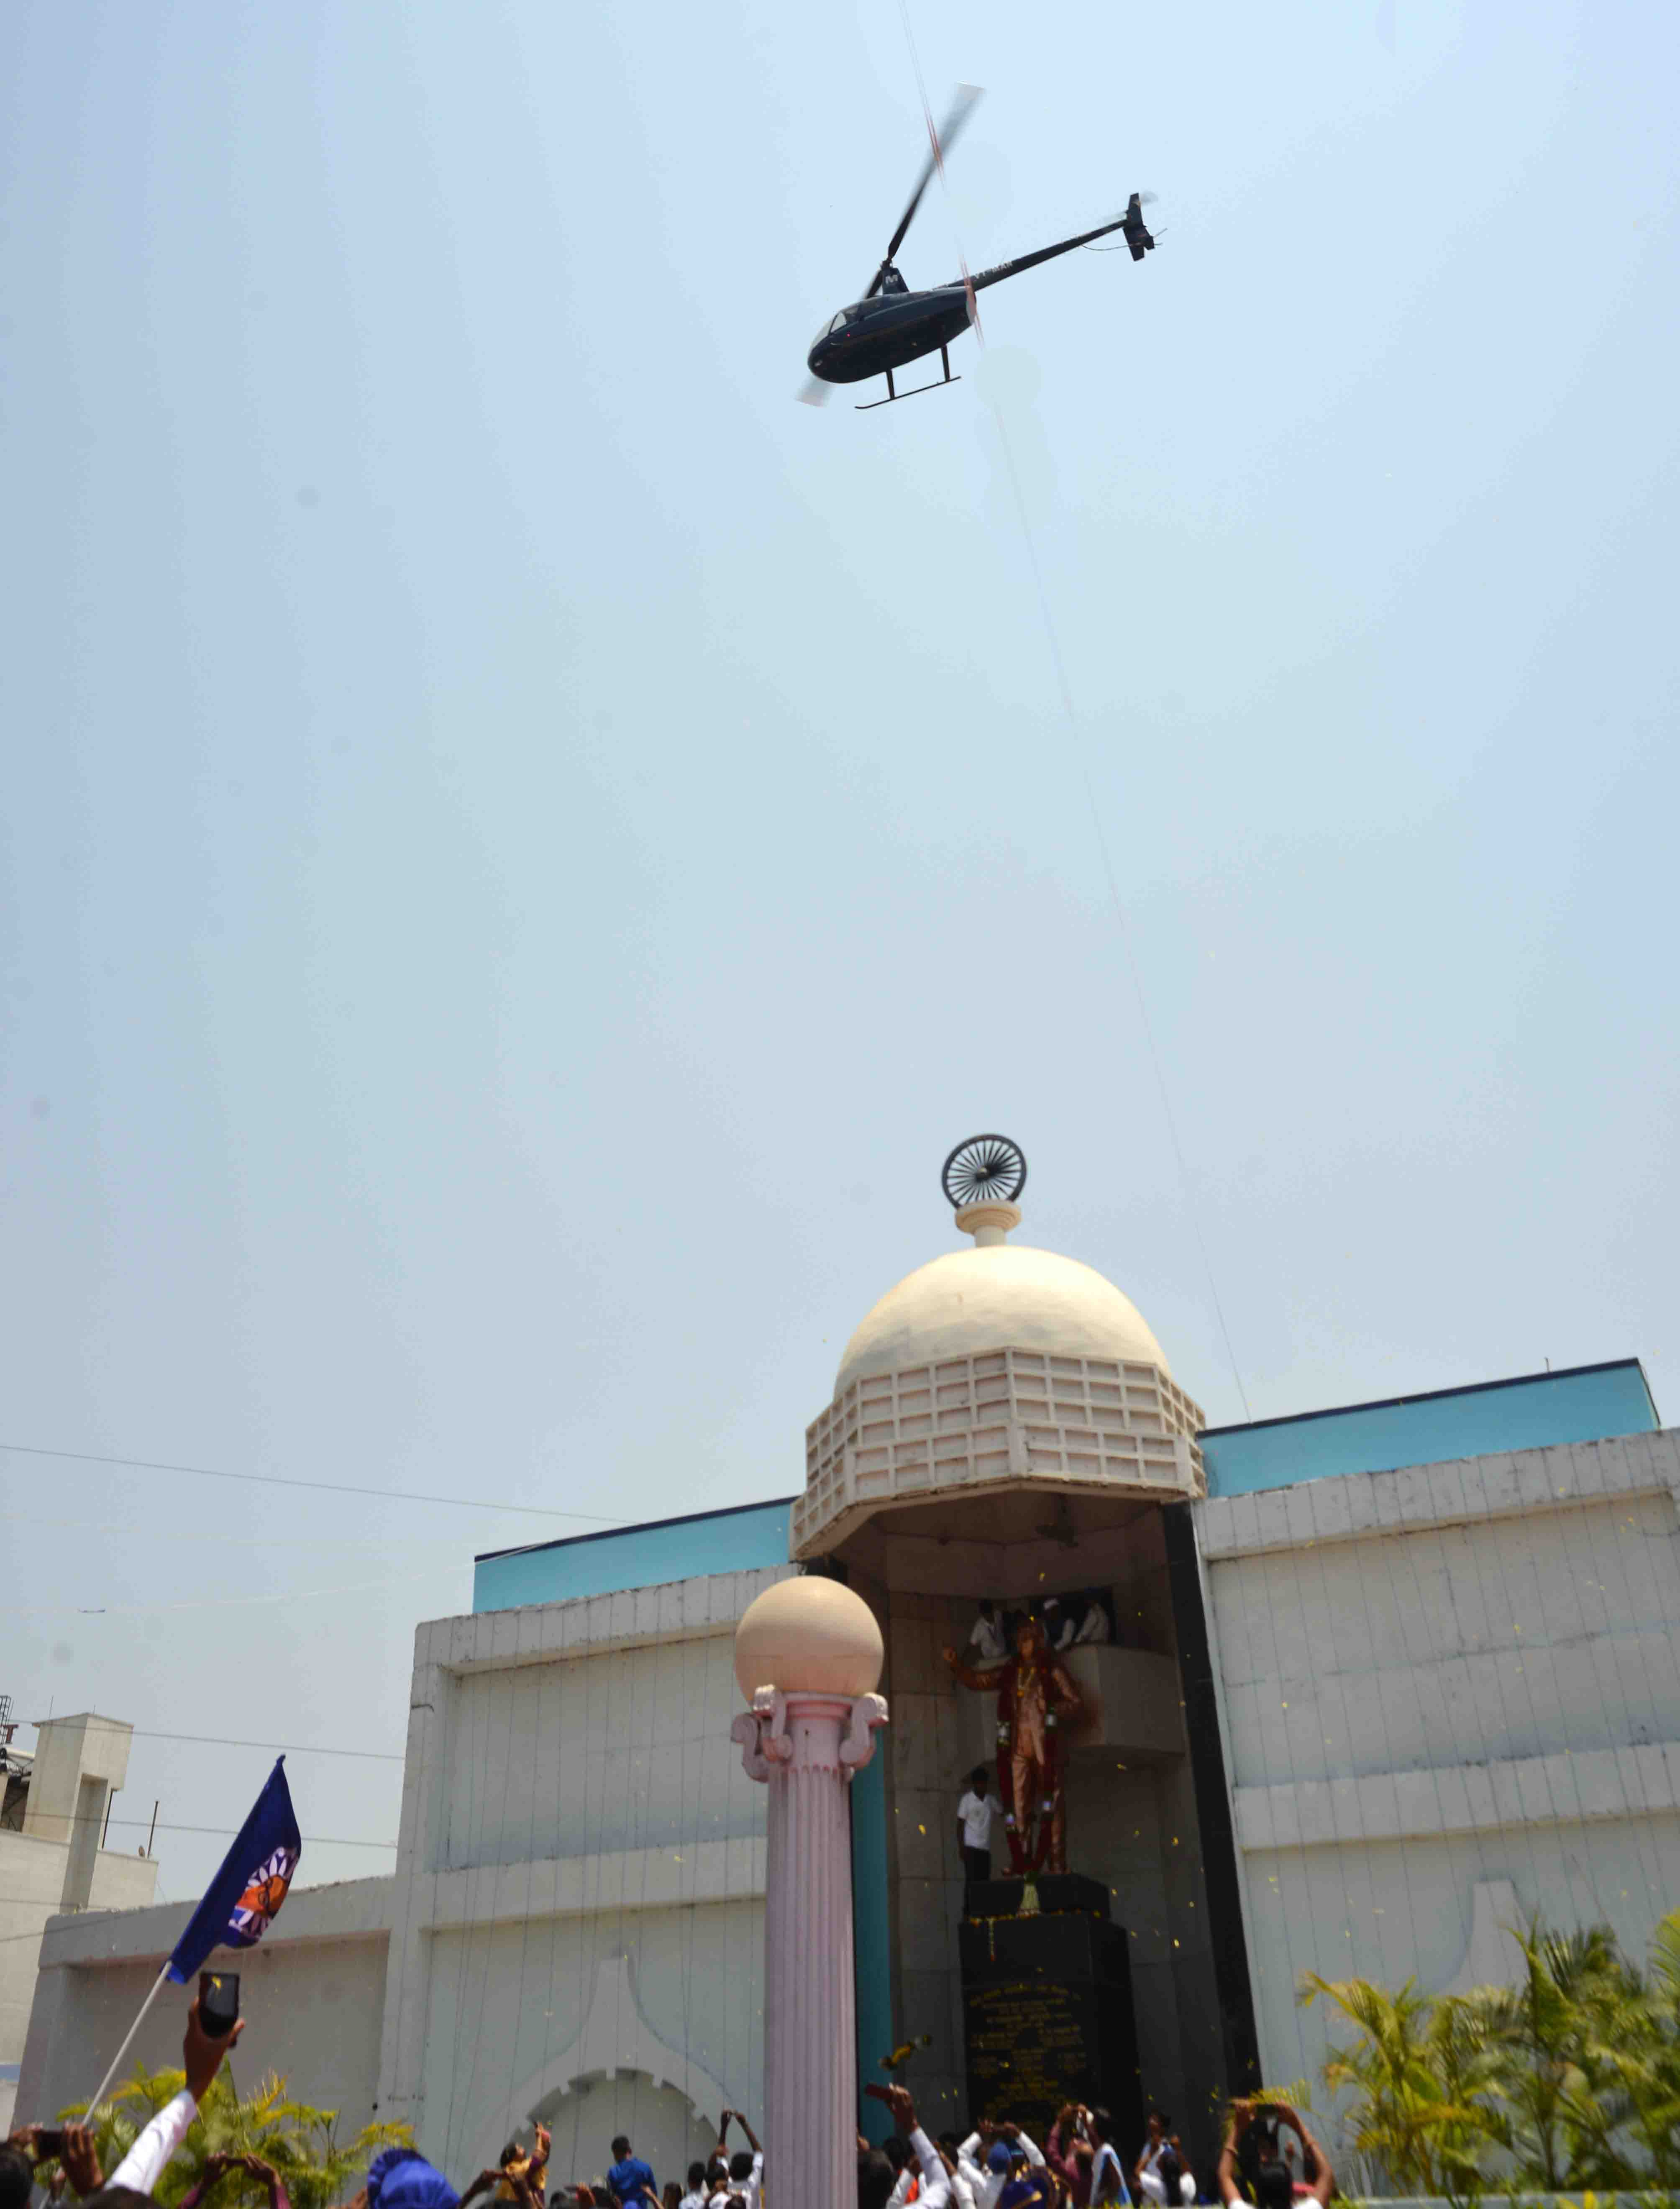 सुर्योदय फाऊंडेशनतर्फे डॉ. बाबासाहेब आंबेडकर यांच्या पुतळ्यावर हेलिकॉप्टरमधून पुष्पवृष्टी